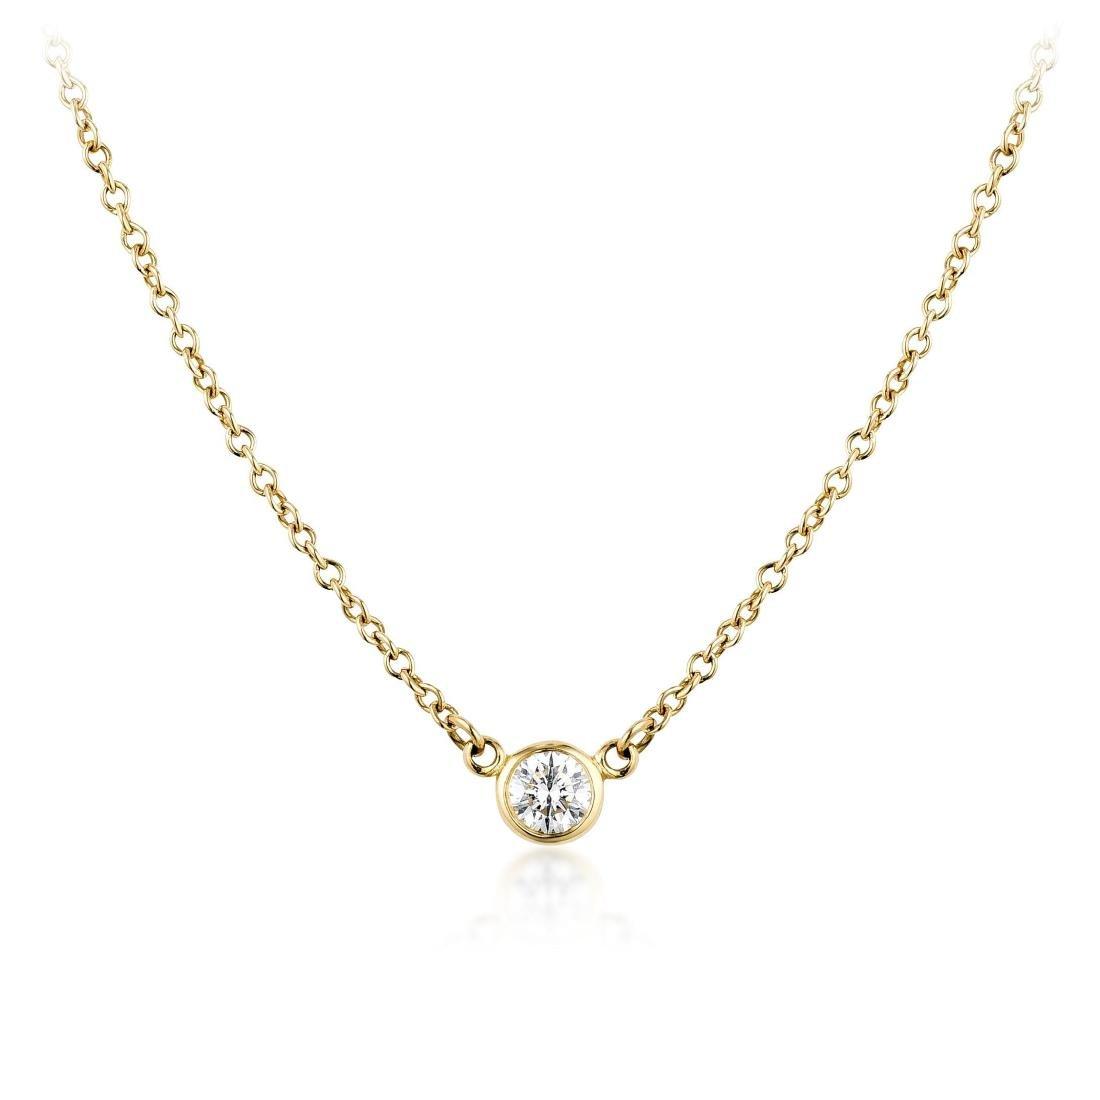 Tiffany & Co. Elsa Peretti Diamond Necklace